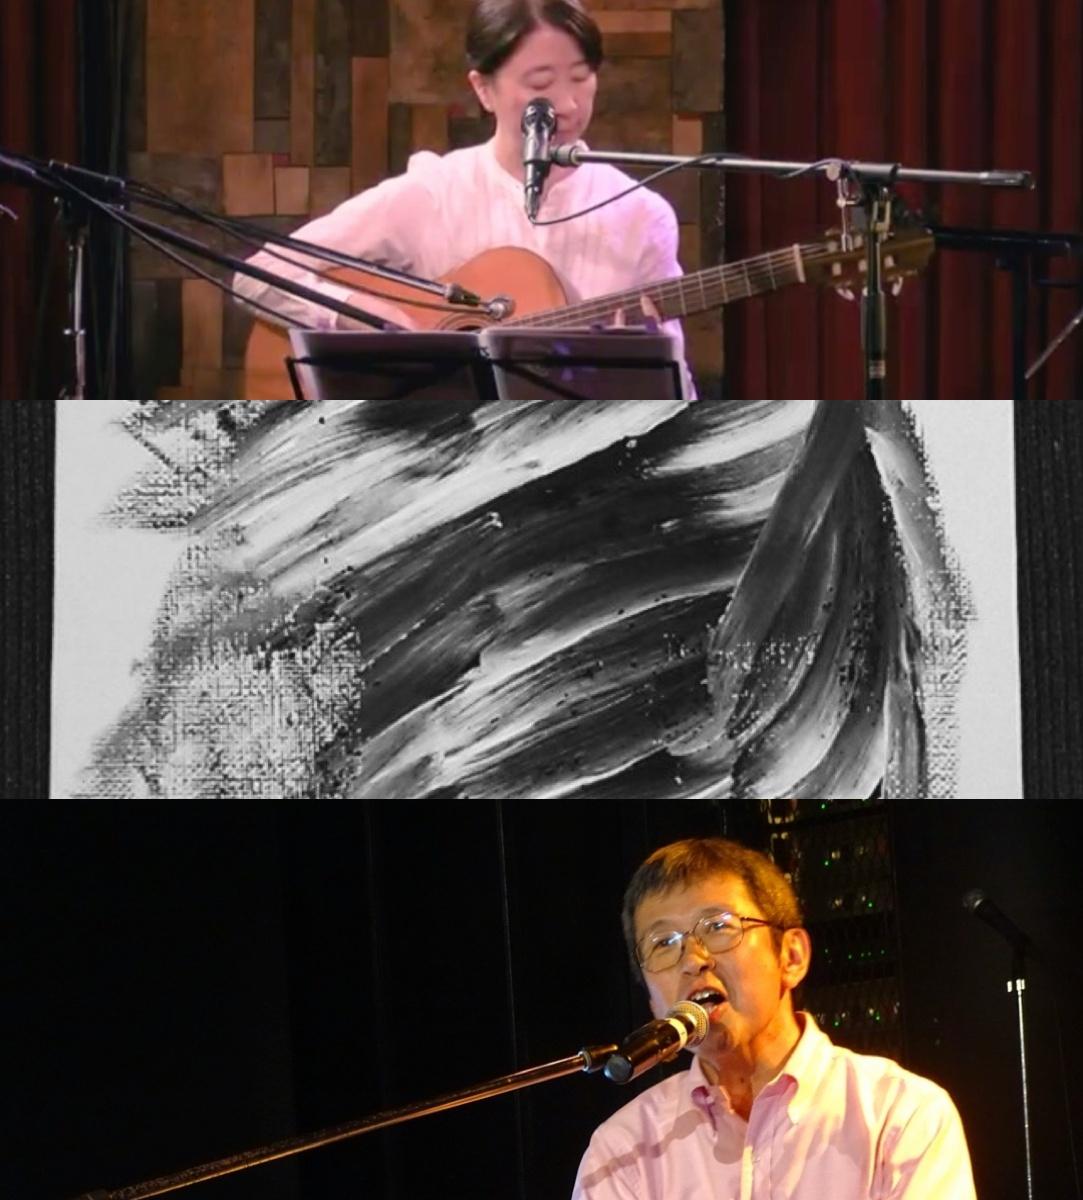 [無観客配信]『いつかとけるのが魔法なら』出演:川口祥子 / もり / 湯本孔一郎